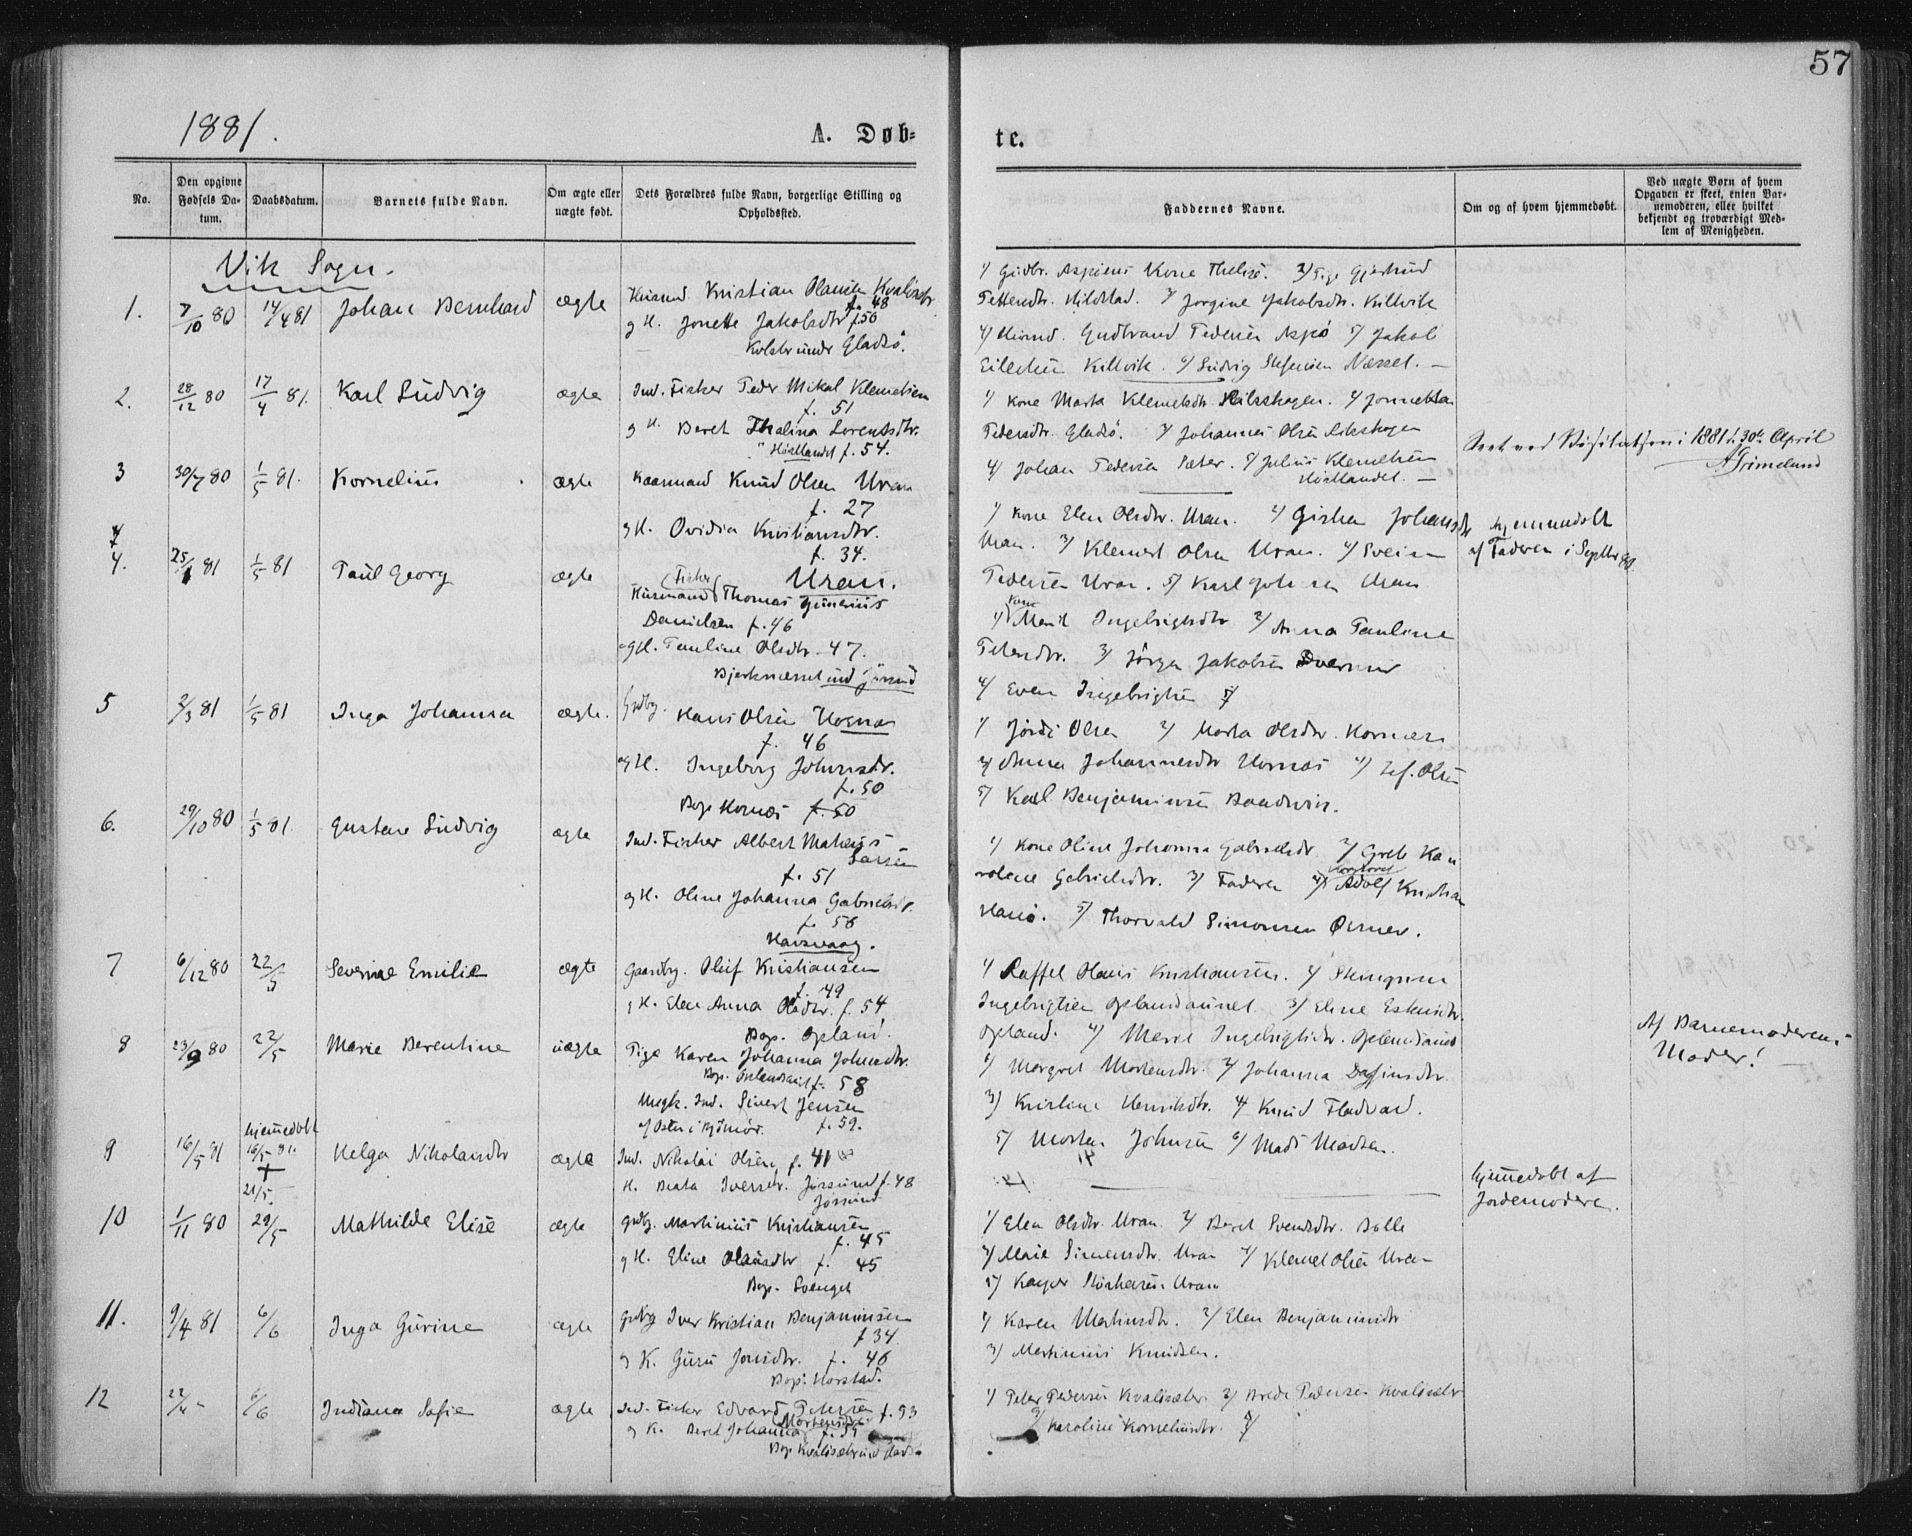 SAT, Ministerialprotokoller, klokkerbøker og fødselsregistre - Nord-Trøndelag, 771/L0596: Ministerialbok nr. 771A03, 1870-1884, s. 57